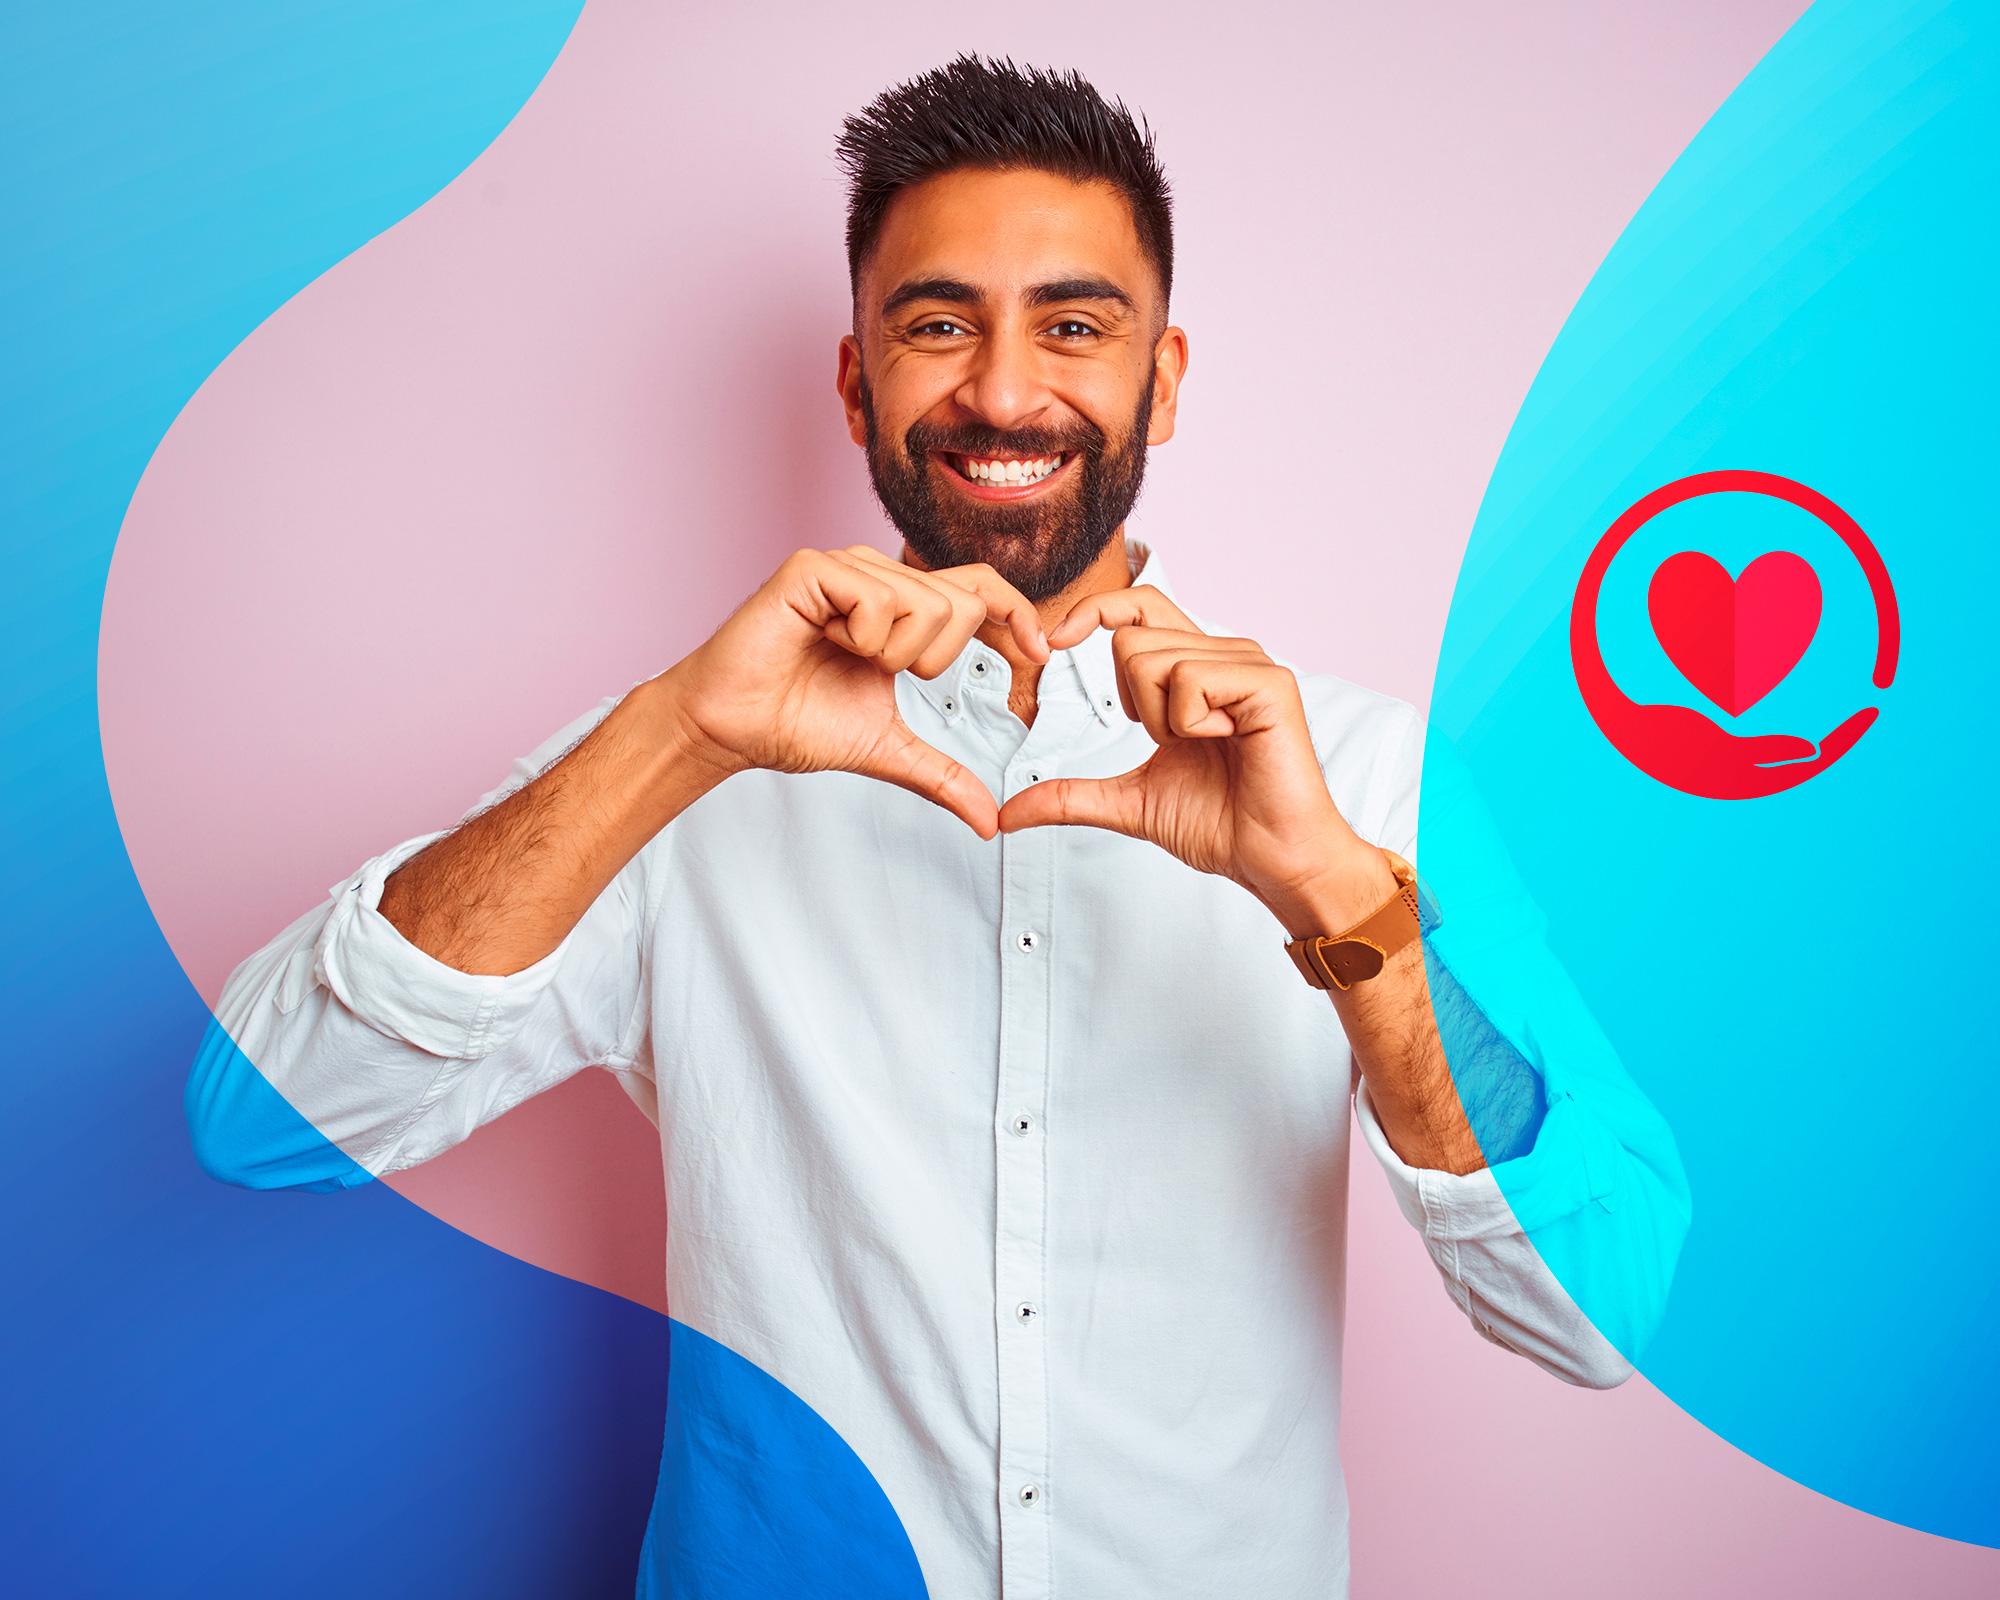 La importancia del Día Mundial del Corazón y cómo celebrarlo